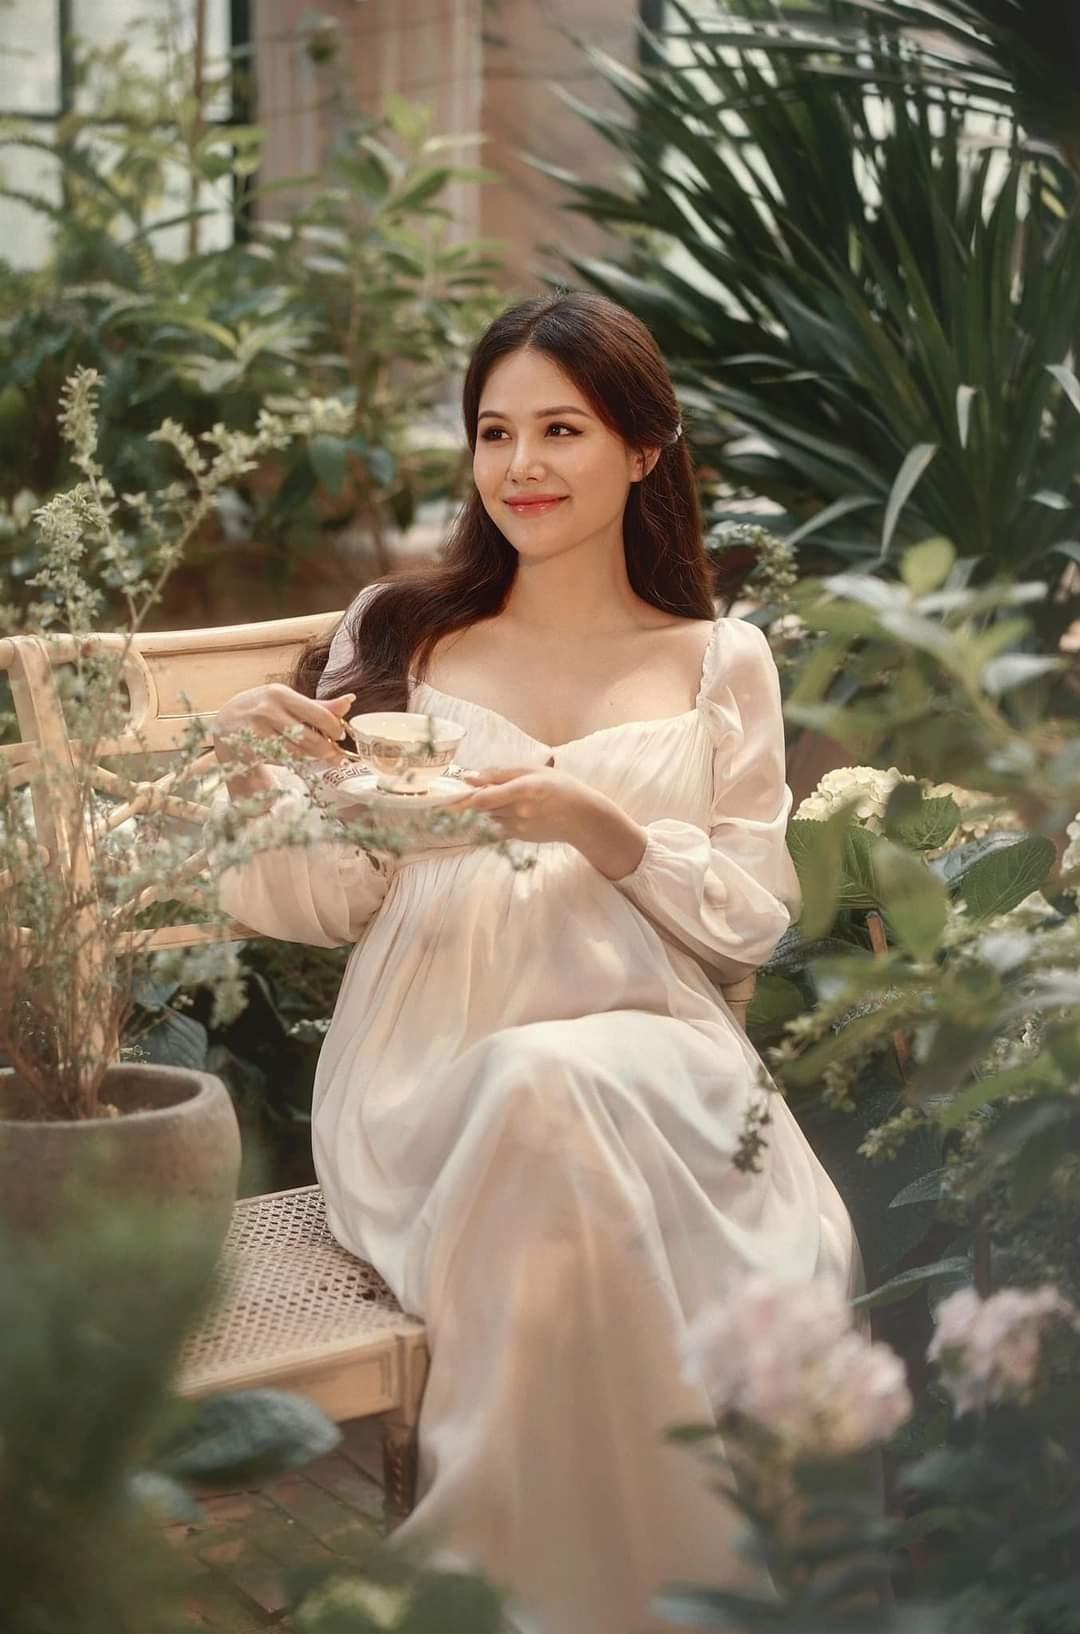 Dù mang bầu, diễn viên Phanh Lee vẫn đẹp hút hồn